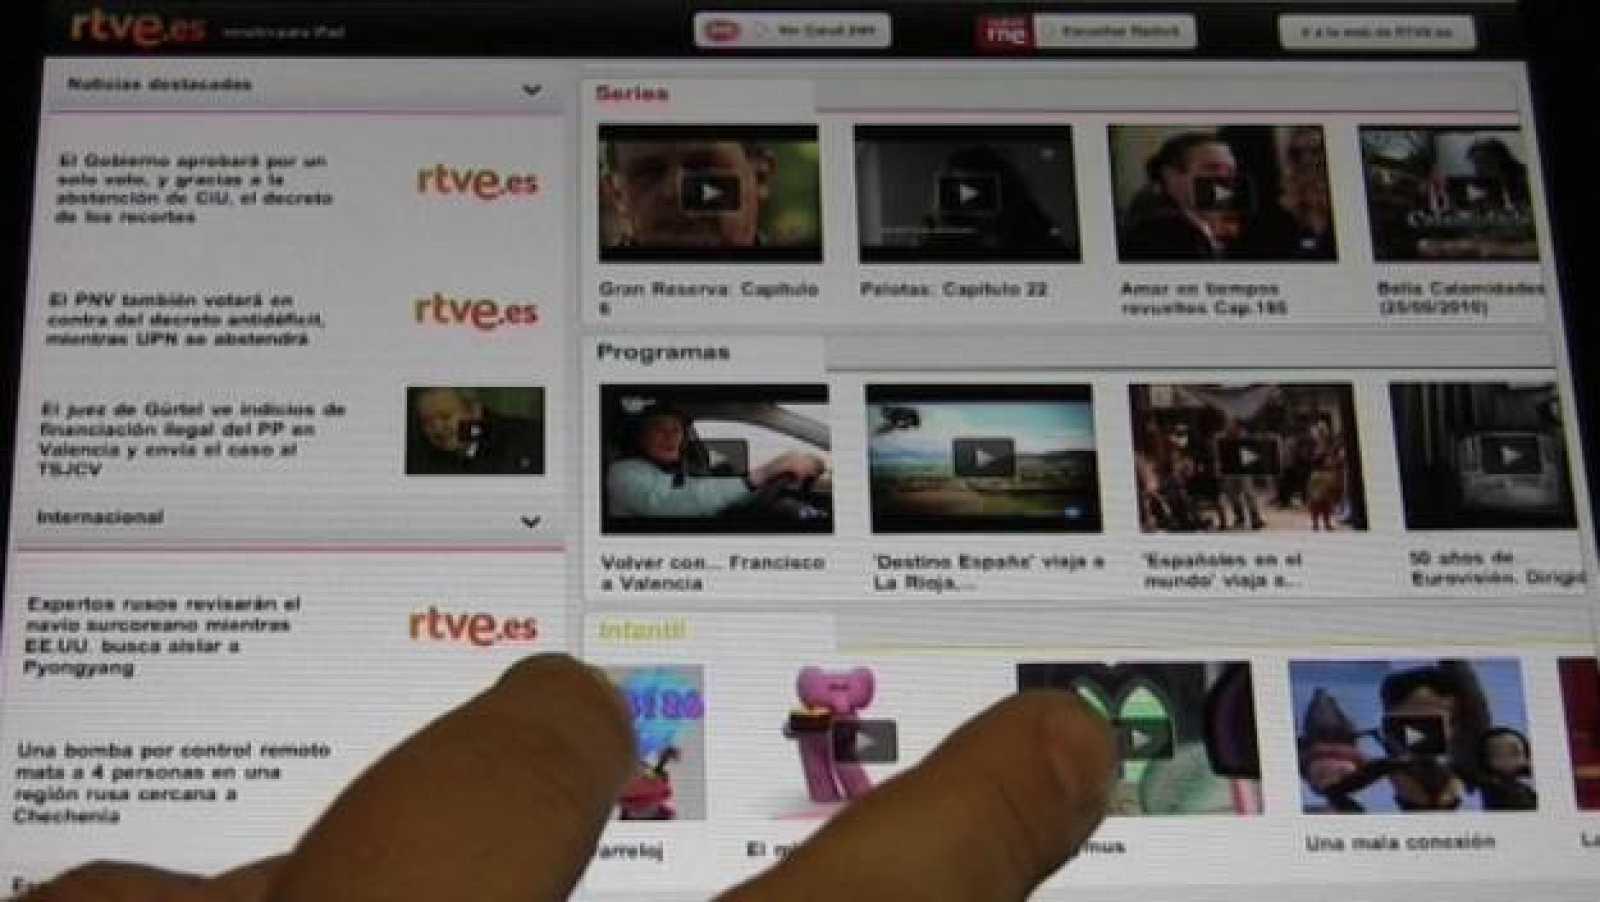 Repaso de algunas de las aplicaciones más interesantes para ver vídeos en el nuevo 'tablet' de Apple. (VÍDEO: Jonan Basterra)